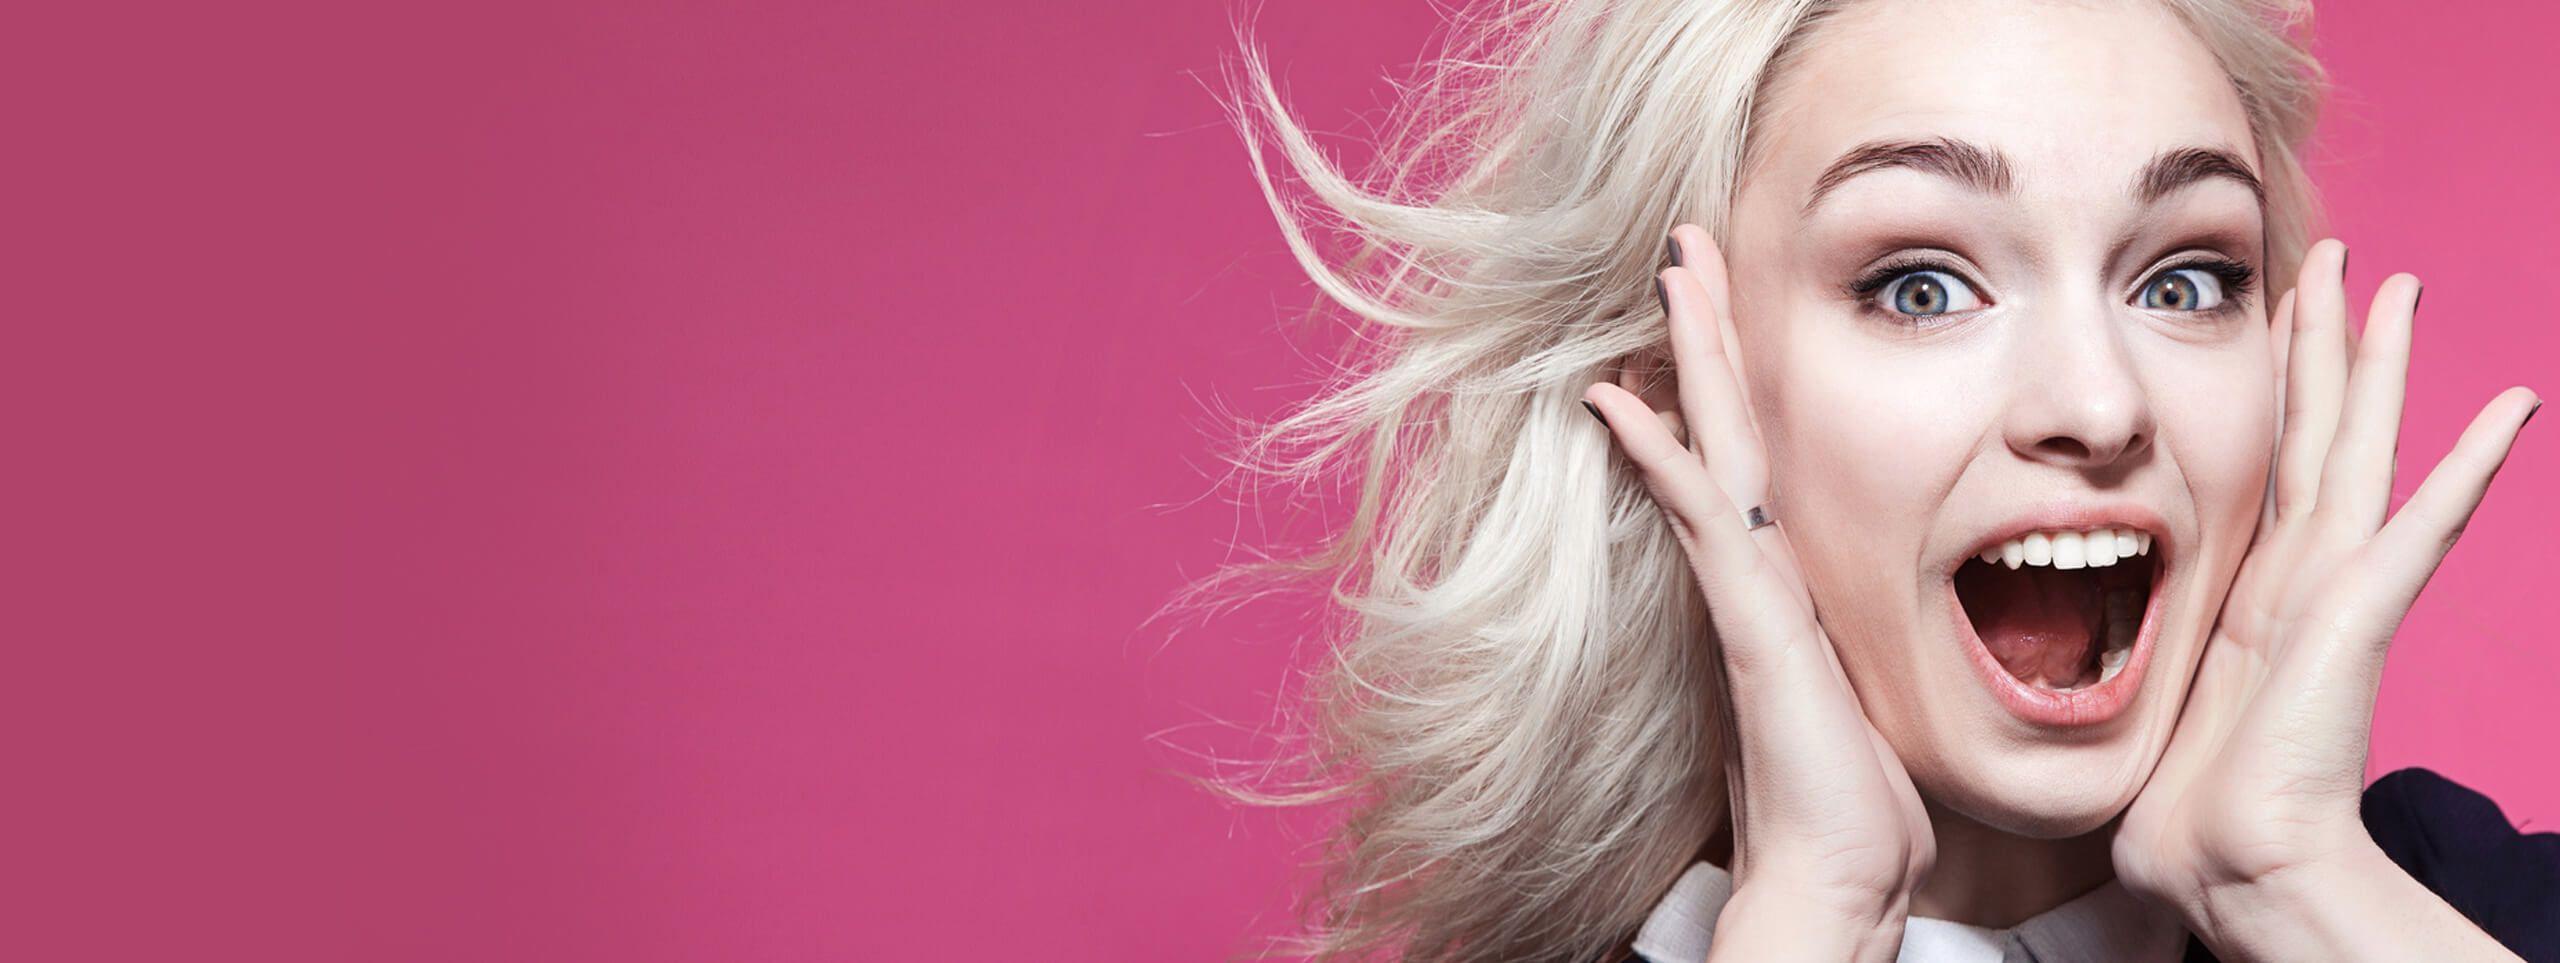 Acconciatura con capelli decolorati